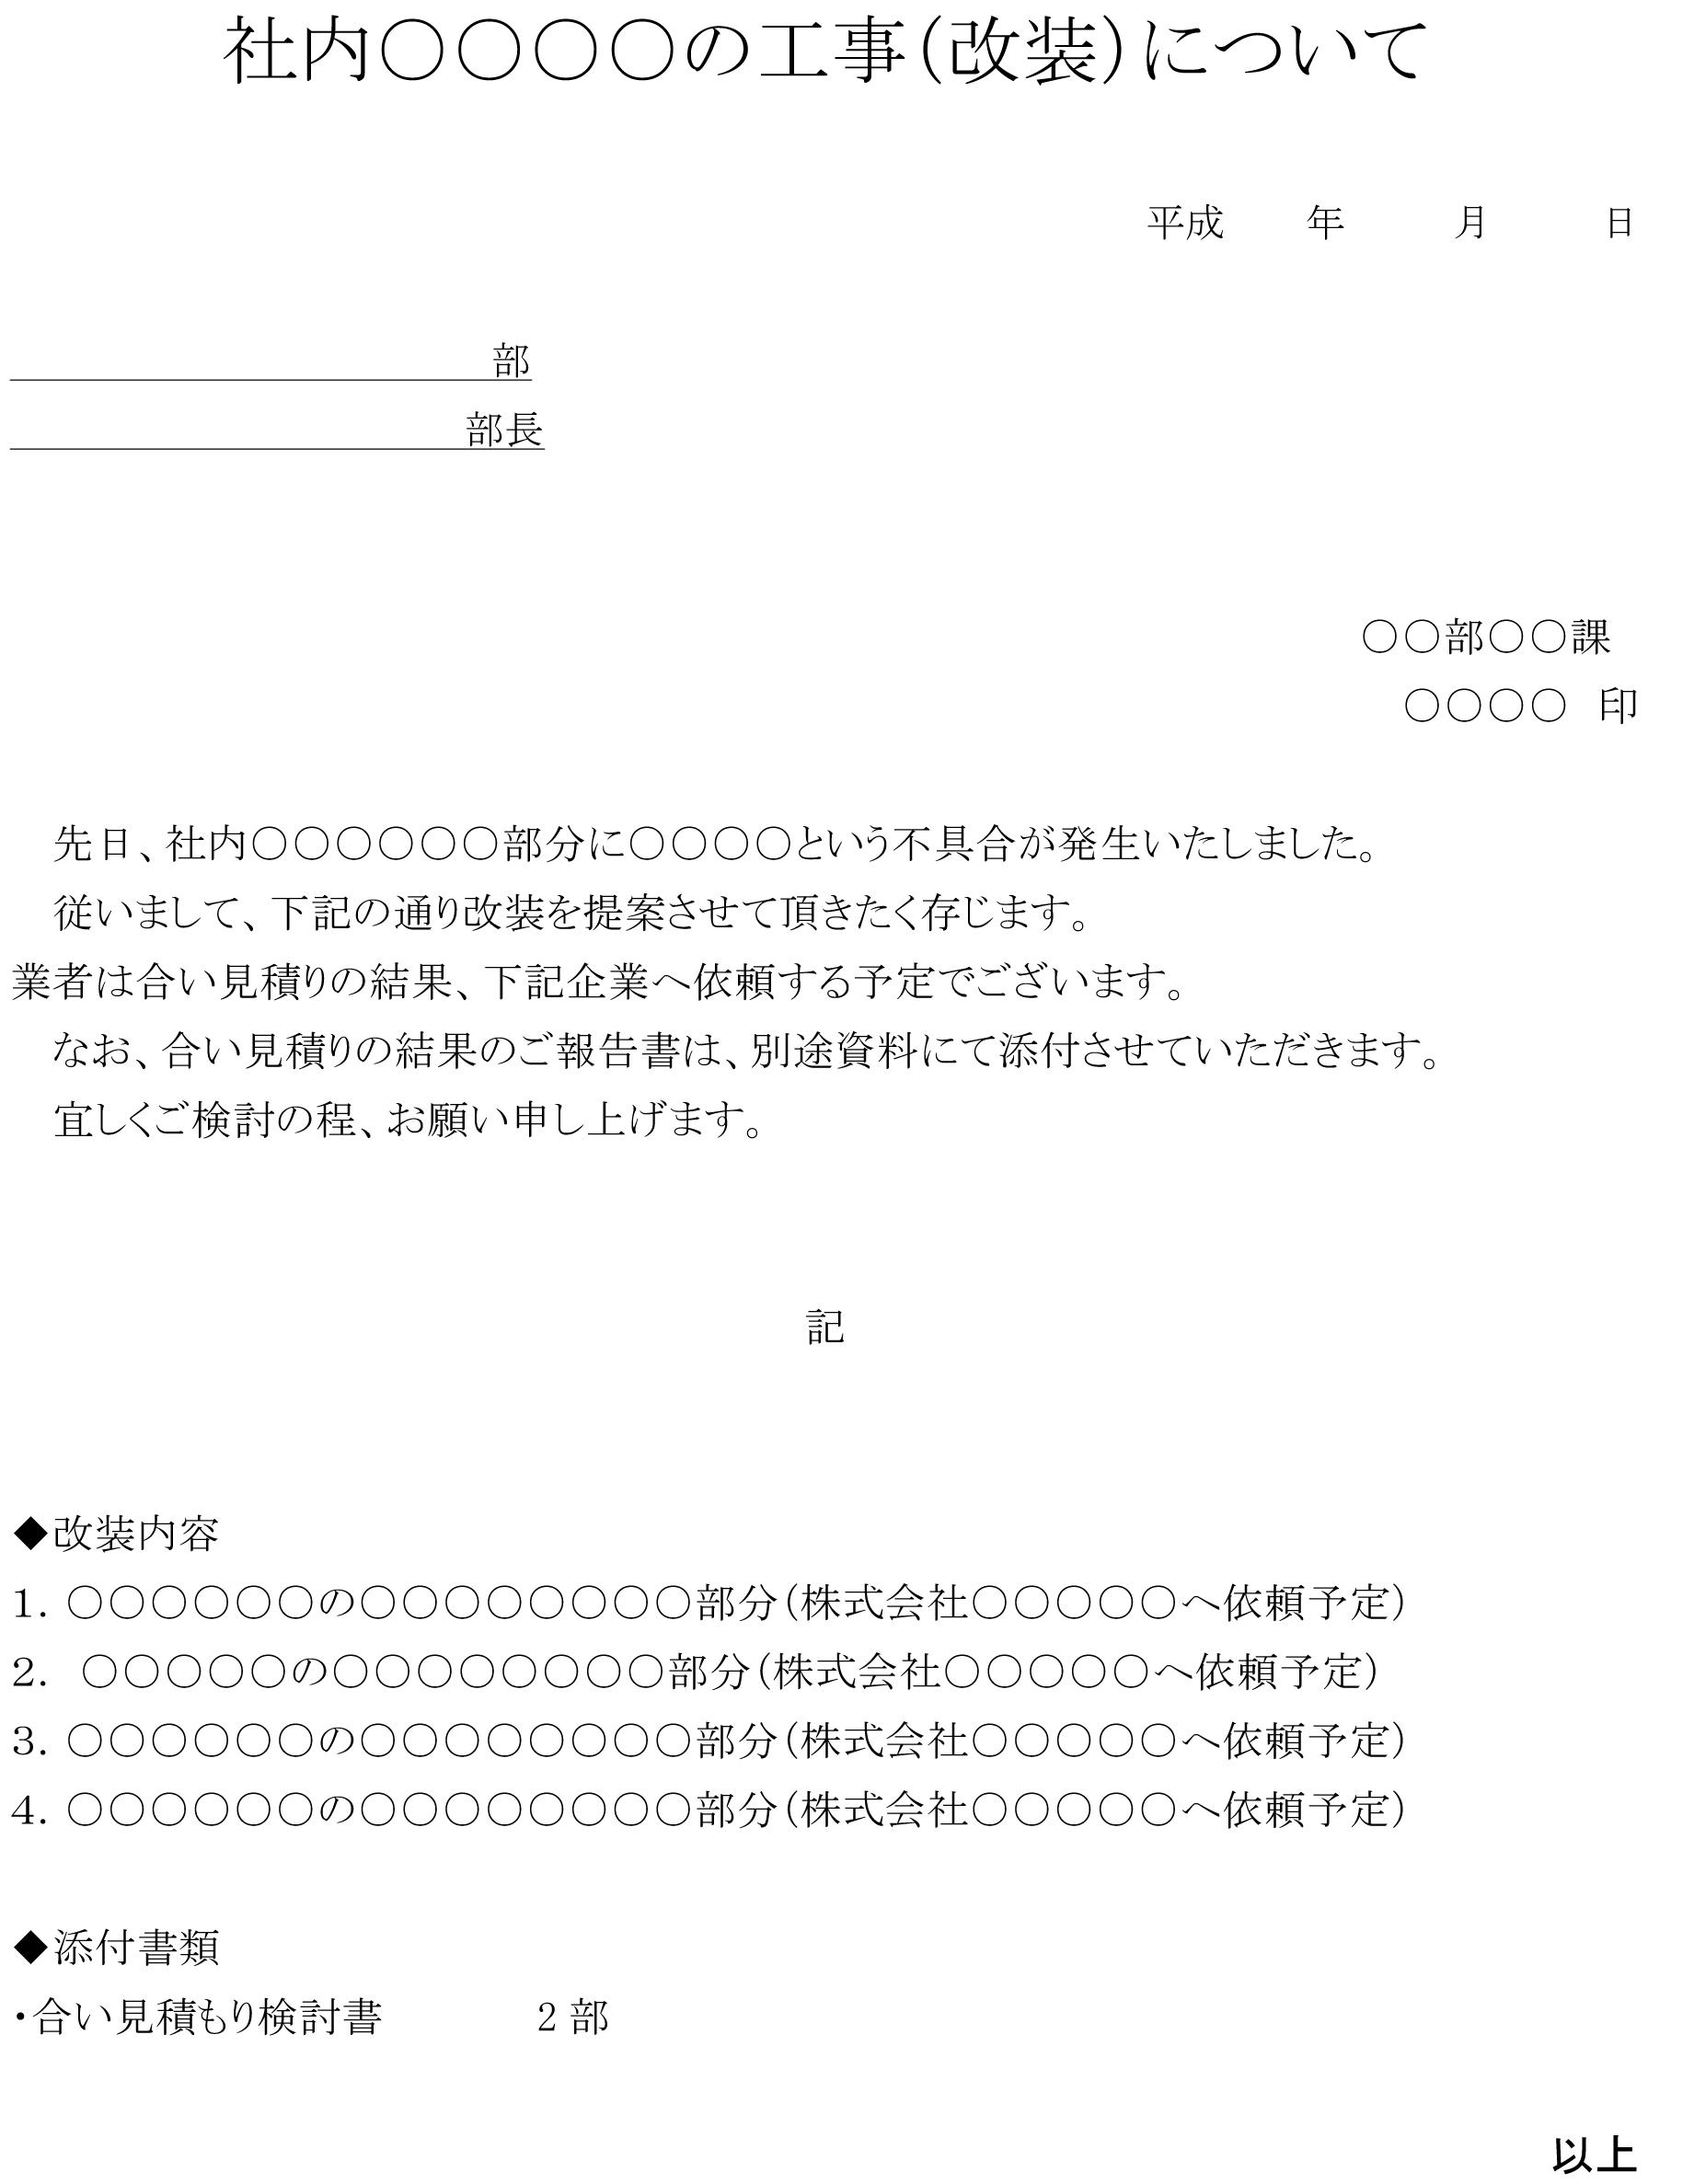 通知(社内○○の工事(改装)について)